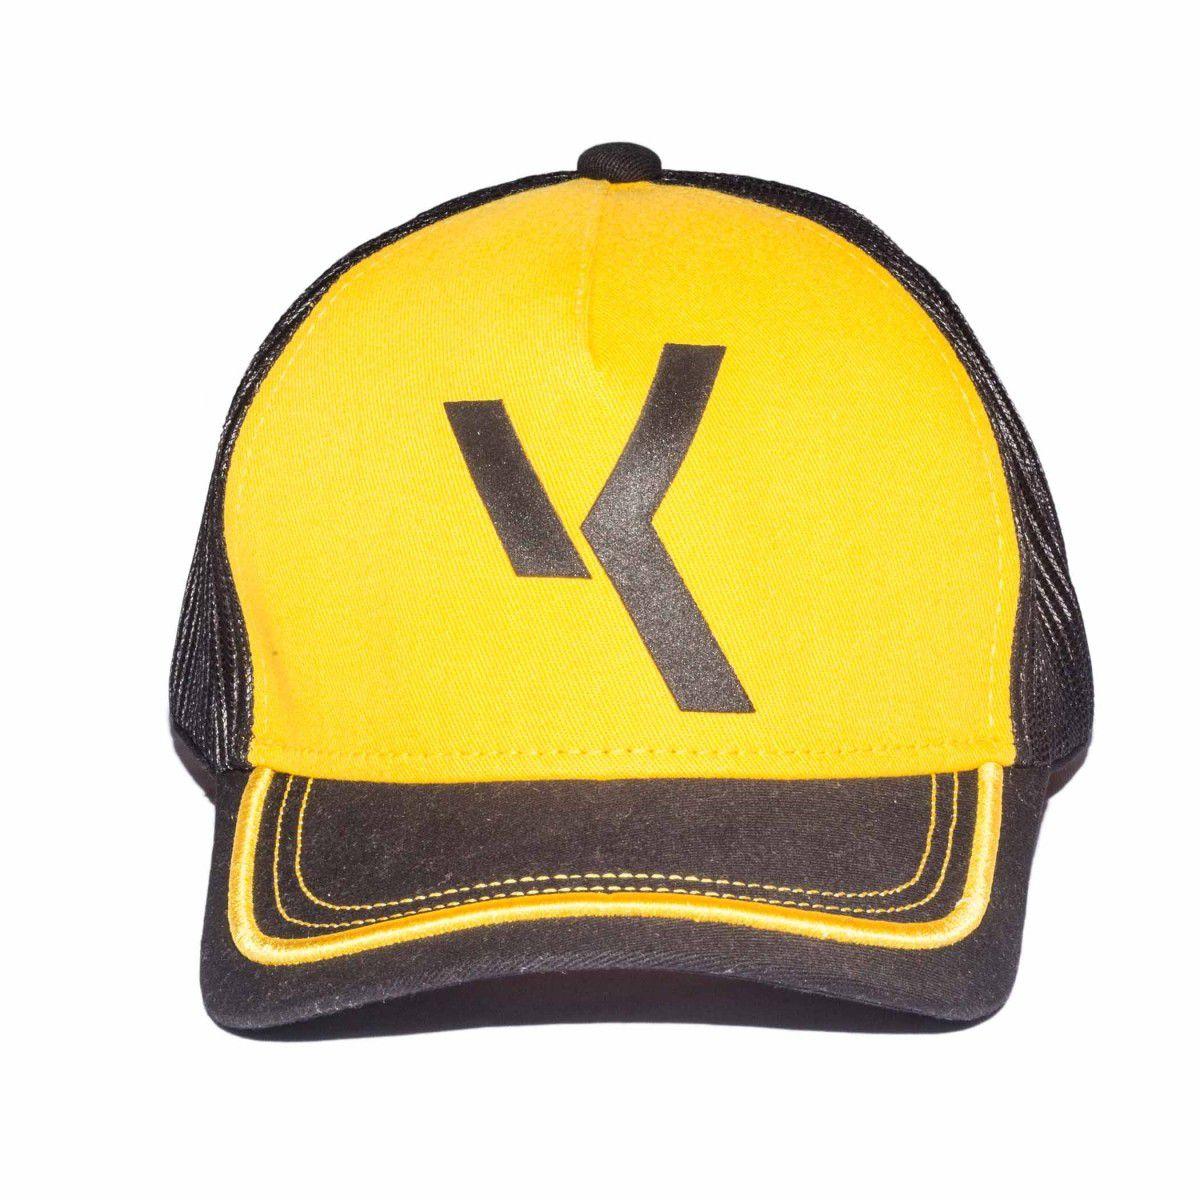 Boné Amarelo com Preto VK BY VK